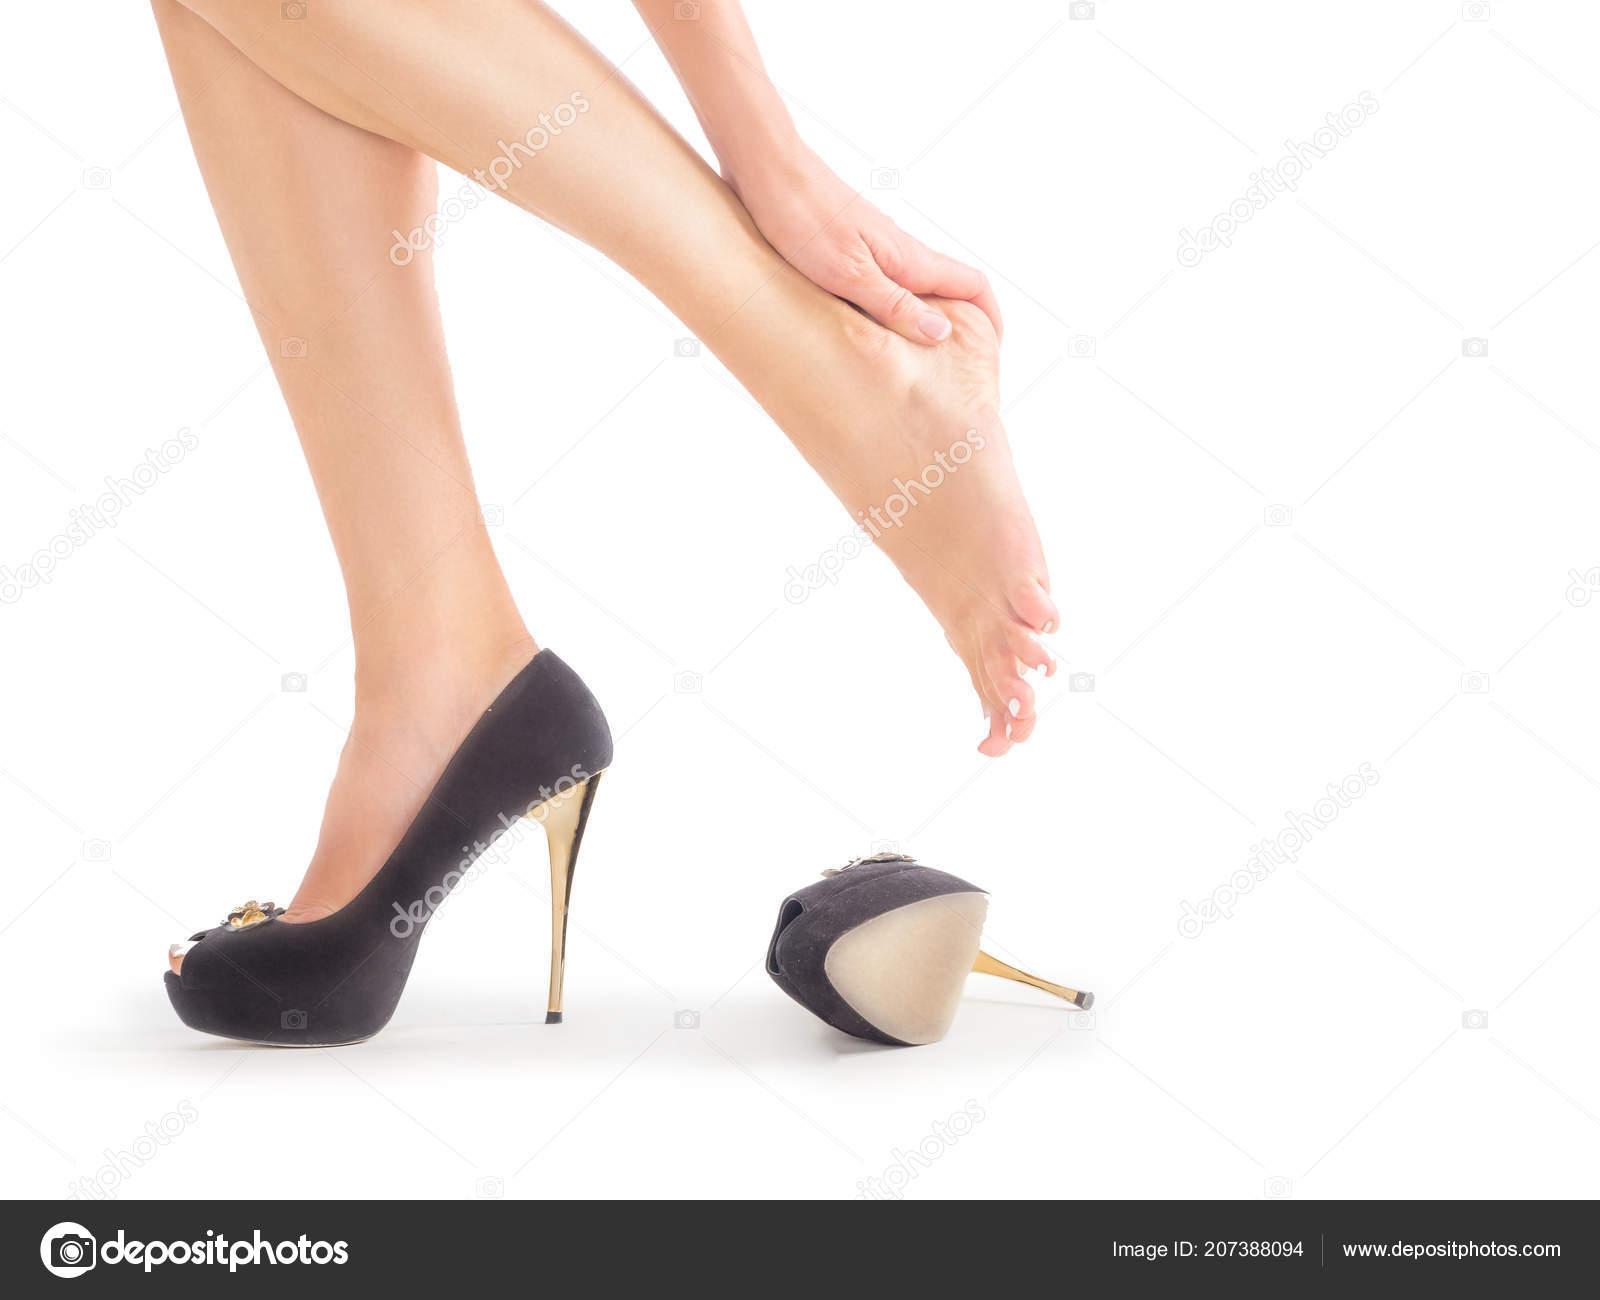 a784cab92cd ženské nohy v bolestech po nosit vysoké podpatky — Stock Fotografie ...